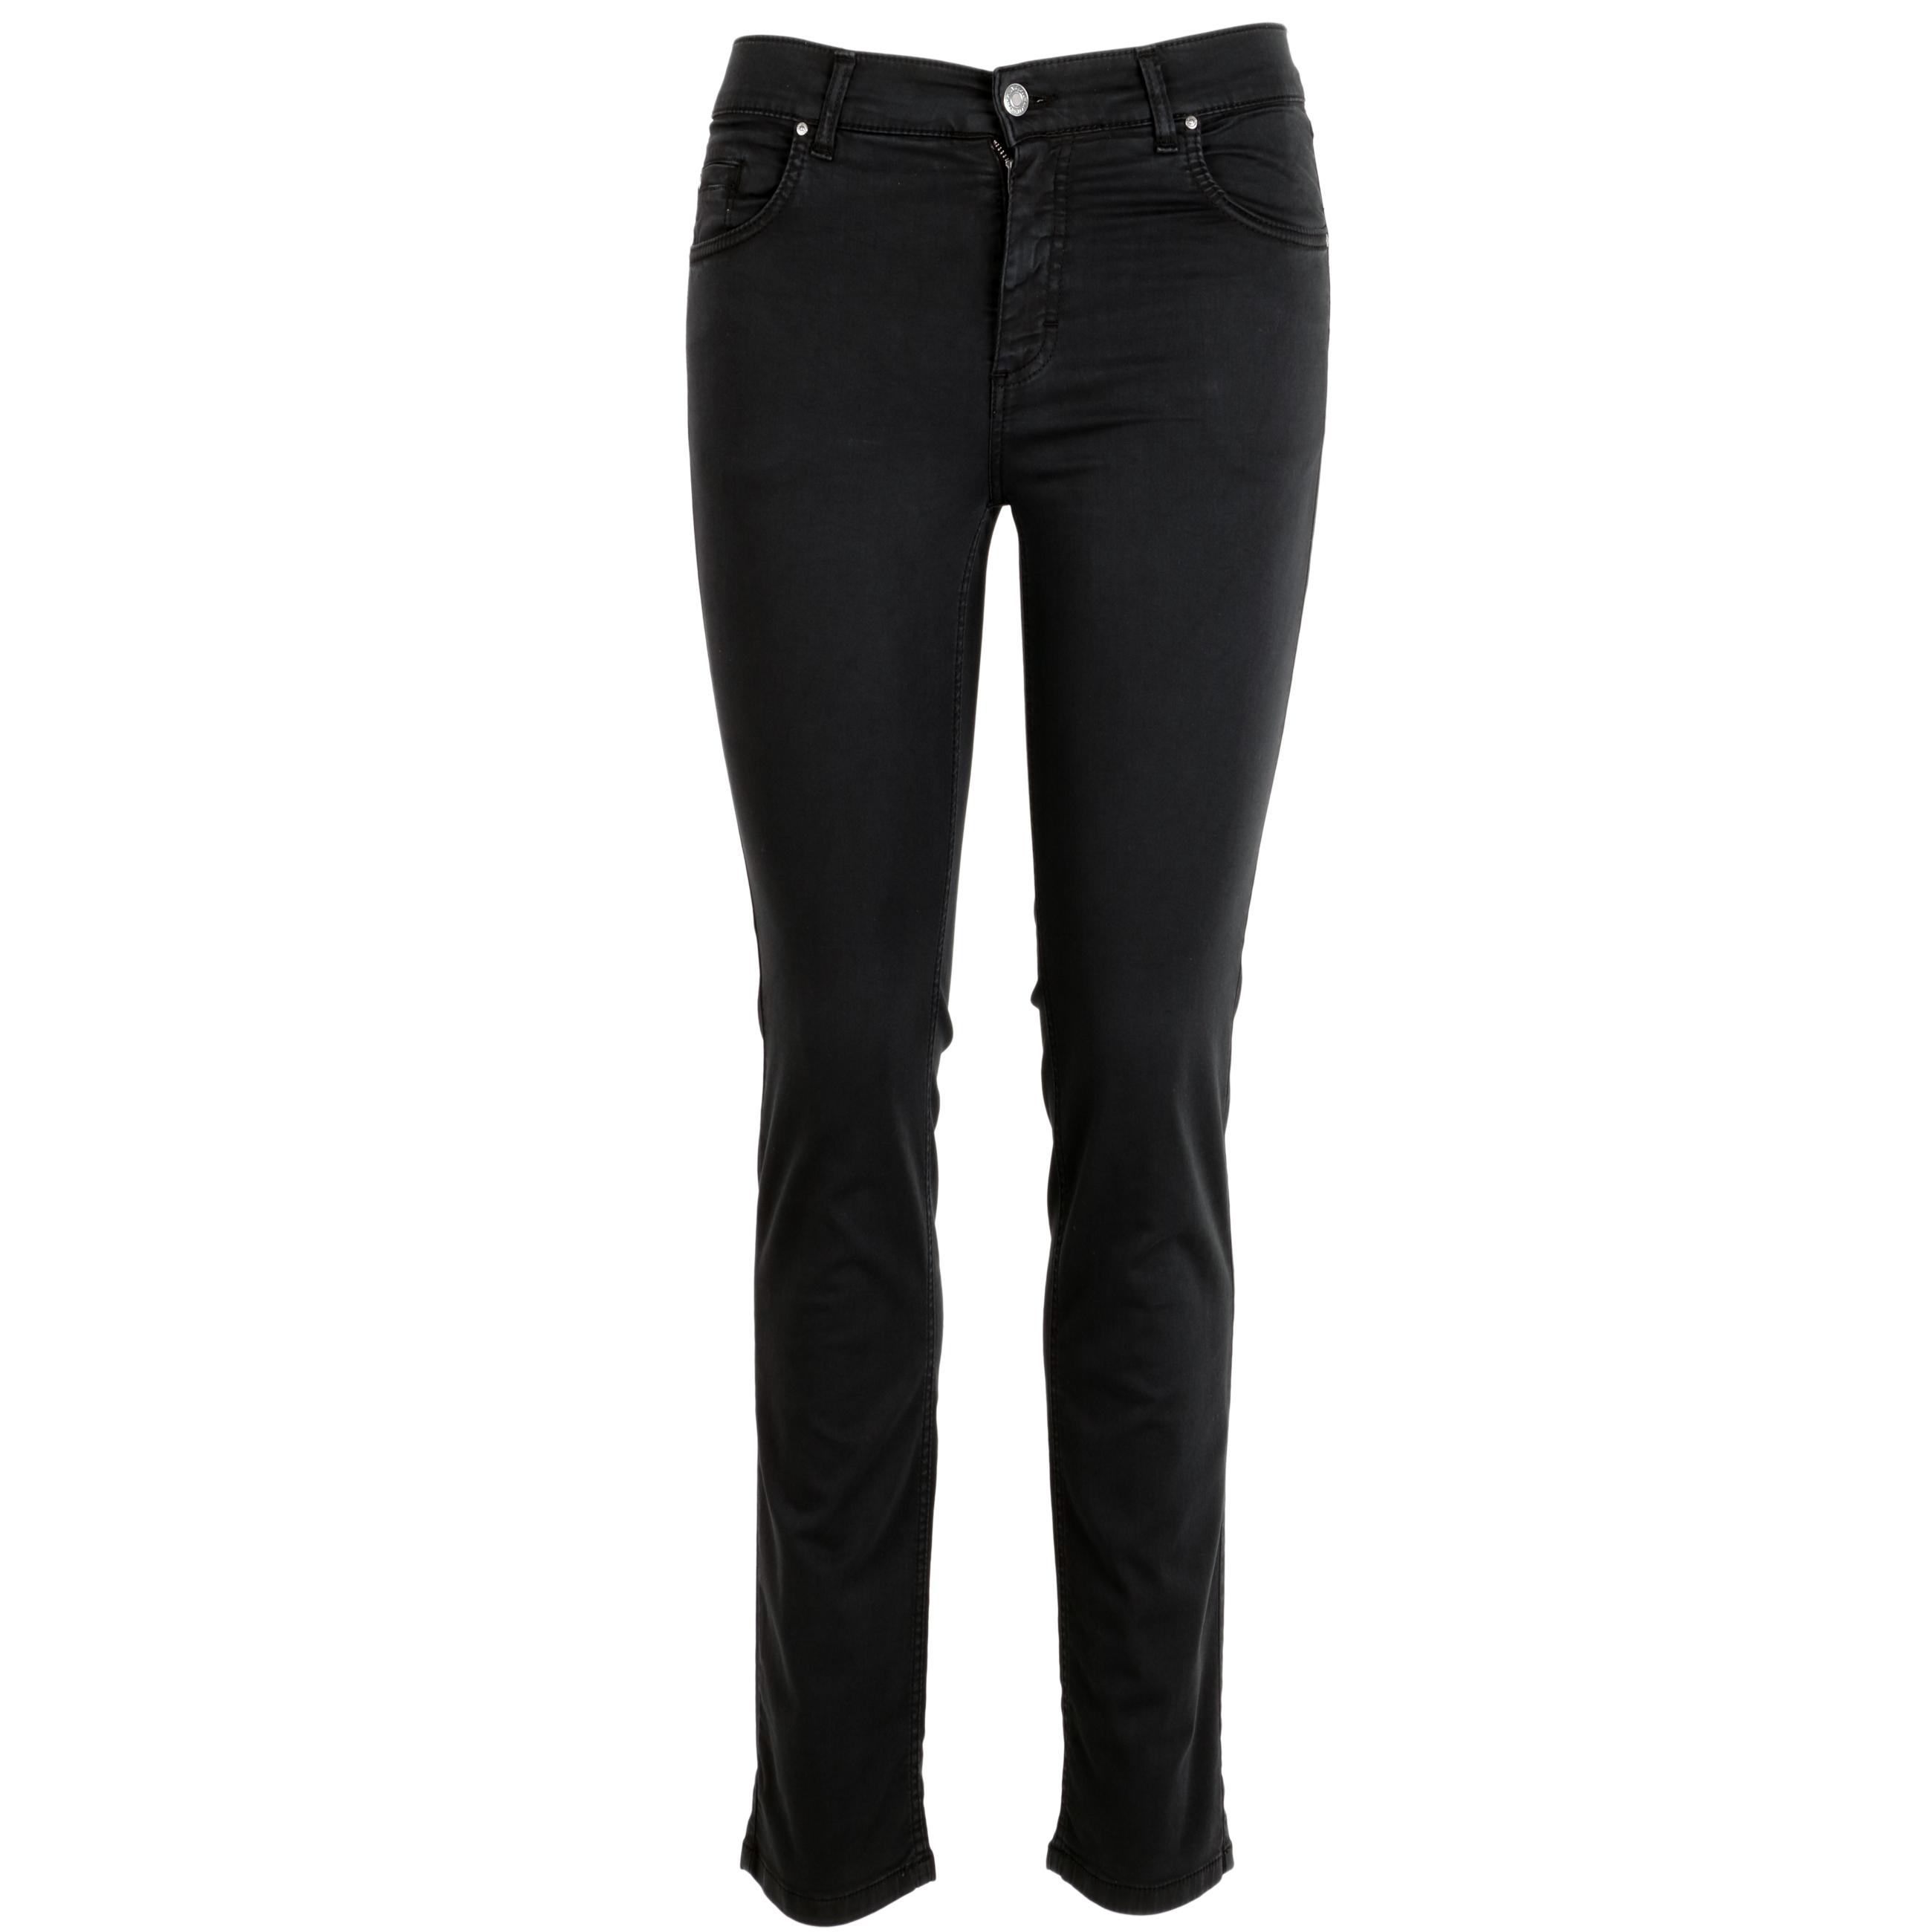 Angels Damen Jeans Cici leichte sommerliche Qualität 44/30 schwarz